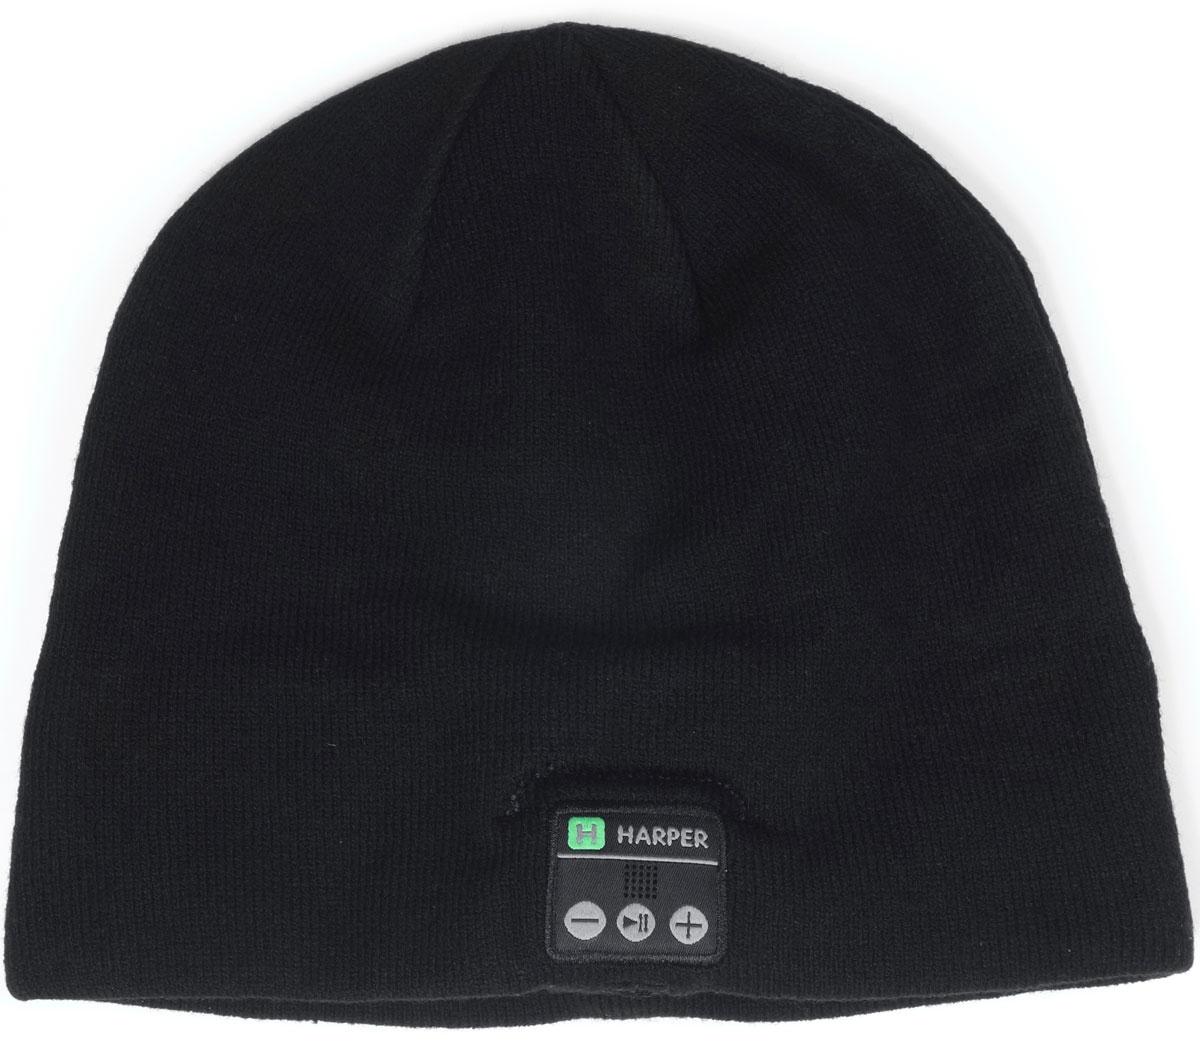 Harper HB-505, Black шапка с Bluetooth-гарнитуройH00000924Шапка Harper HB-505 с Bluetooth-гарнитурой. Идея совмещения гарнитуры и шапки реализована с вниманием к деталям. В головной убор на местах, где находятся уши пользователя, вшиты наушники. В основе используется материал, состоящий из акрила – 84%, спандекса – 10%, полиэстера – 6%. Вязка не раздражает при длительной носке. Внутри подкладки зафиксирован основной модуль и дополнительный динамик. Соединяются они между собой кабелем, скрывающимся во внутреннем стежке. Все активные элементы на правом наушнике. Минимальный обхват - 50 см.